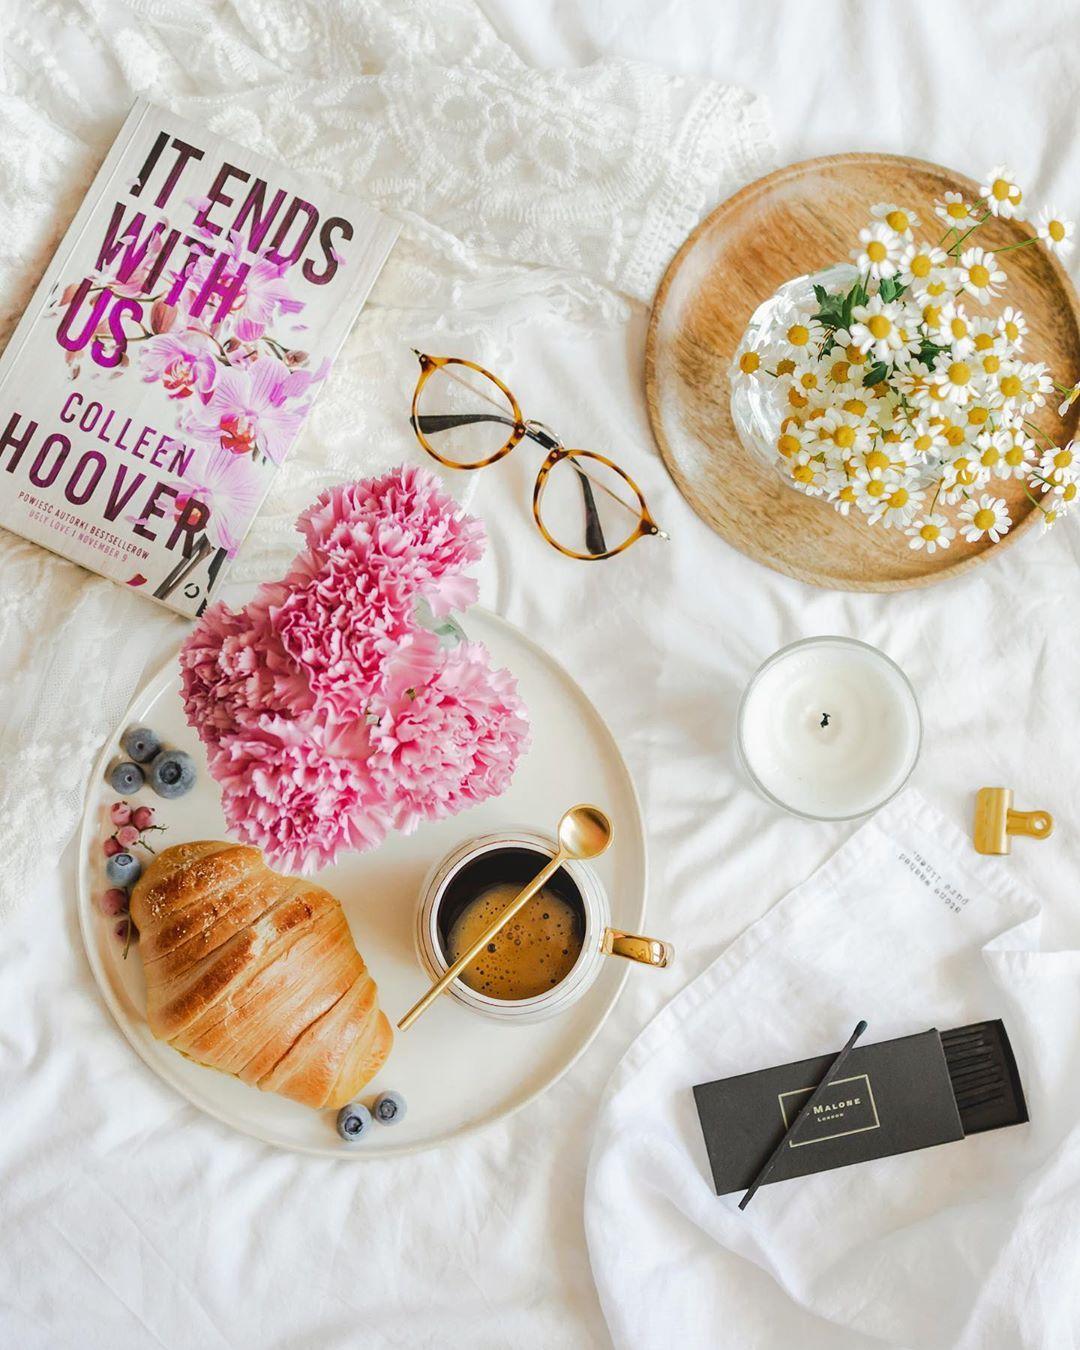 bf8b6a9df3551 Beata • Home & Travel в Instagram: «Dzień dobry 🙂 ______ Czy są tu jacyś  fani Colleen Hoover? Wiem, że już dawno był szał…   Интерьер вдохновение in  2019